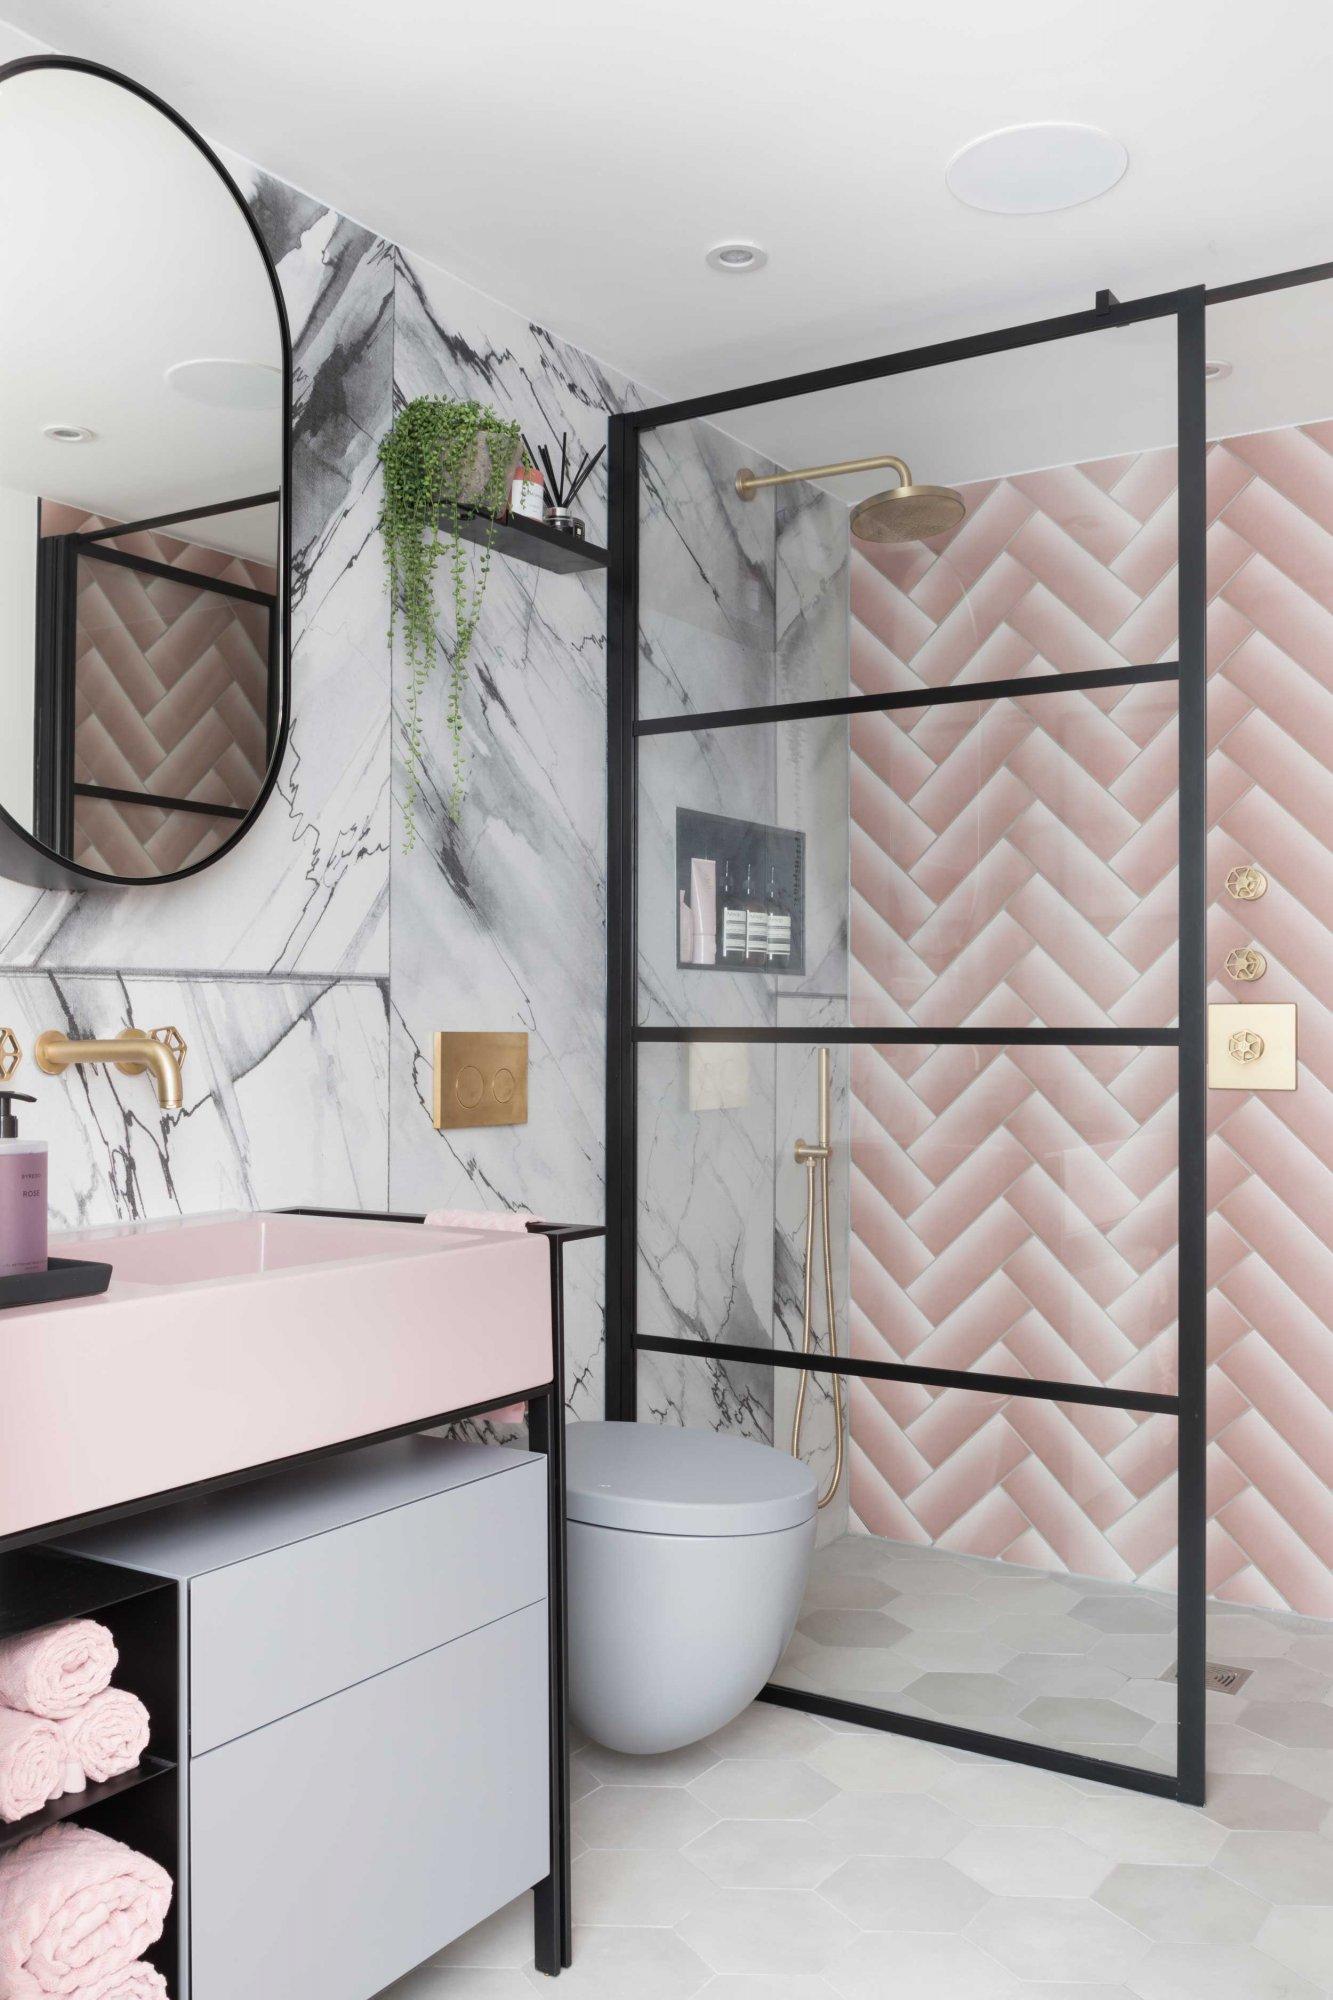 West One Bathrooms Tile Inspo  W1 LD 1